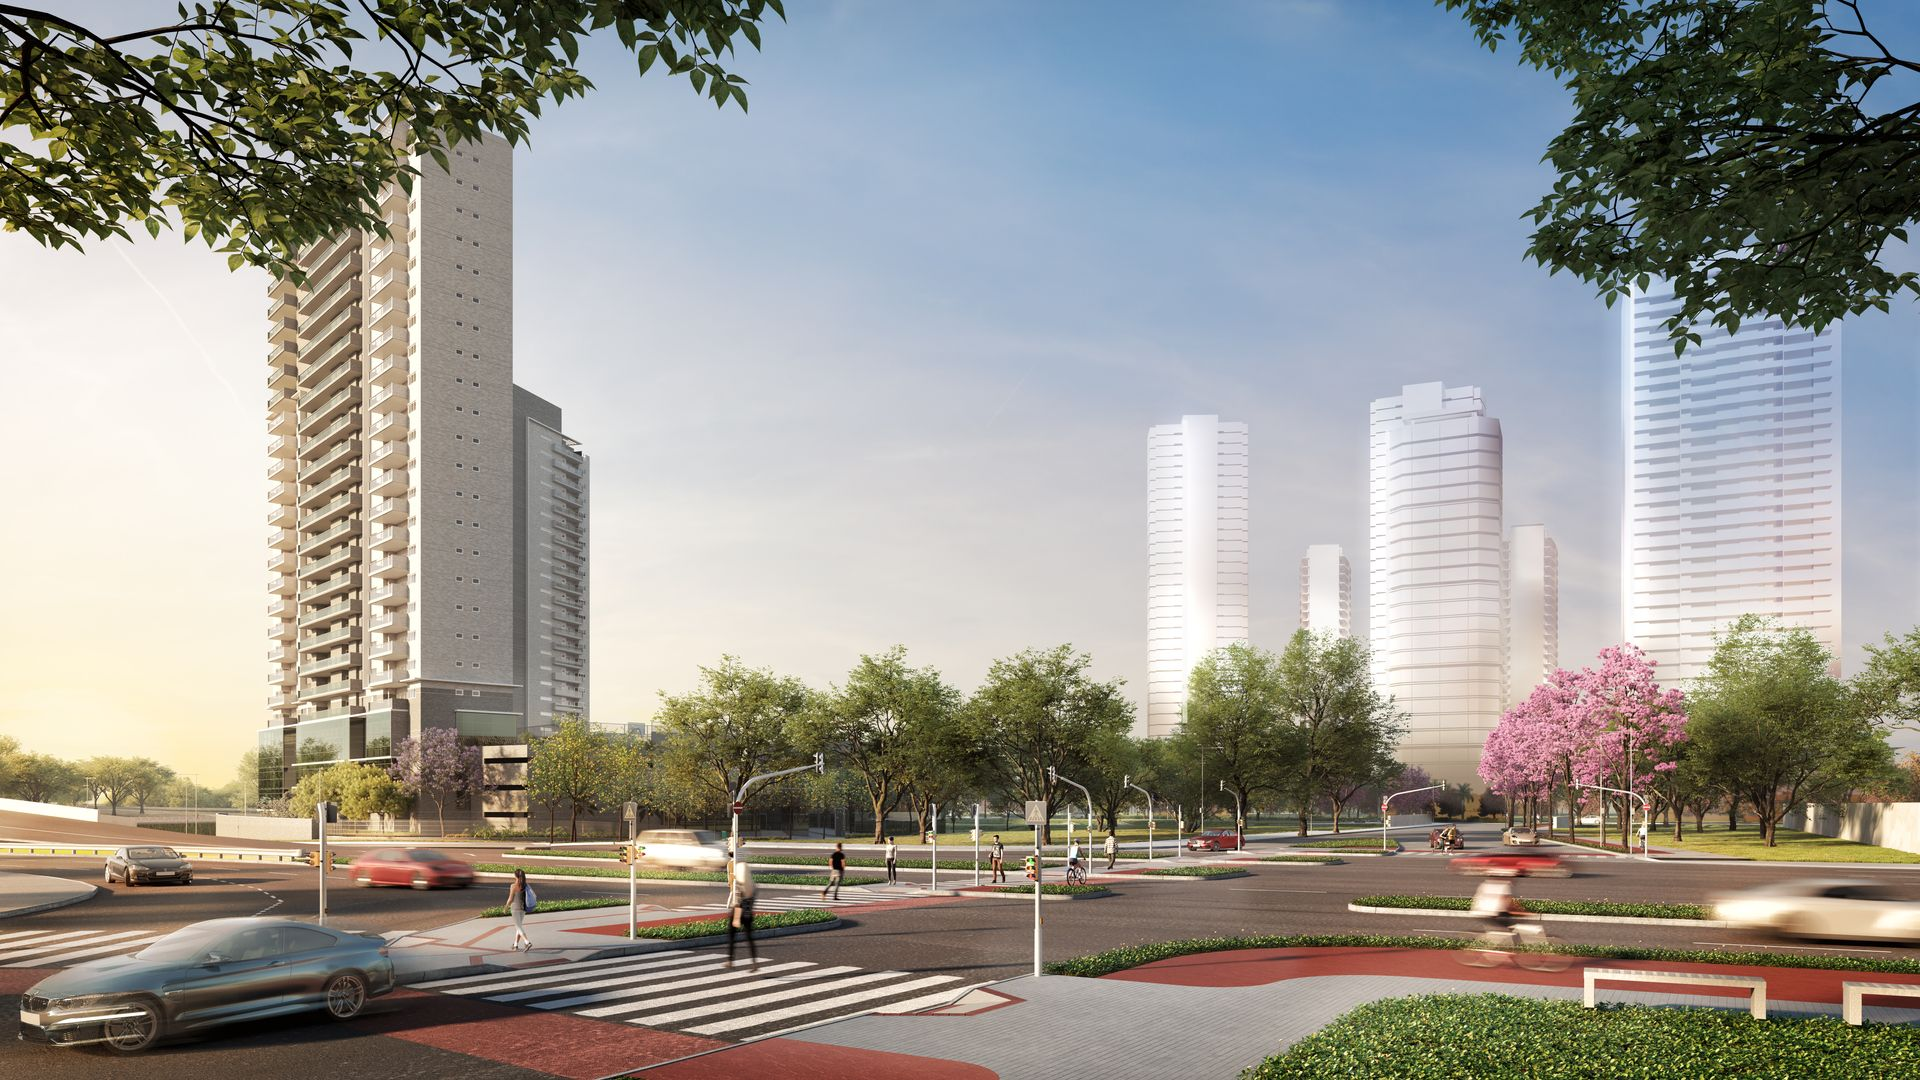 O bairro Costa Nova, em Vila Velha, será lançado pelo Opportunity Fundo de Investimento Imobiliário, com um VGV próximo dos R$ 200 milhões